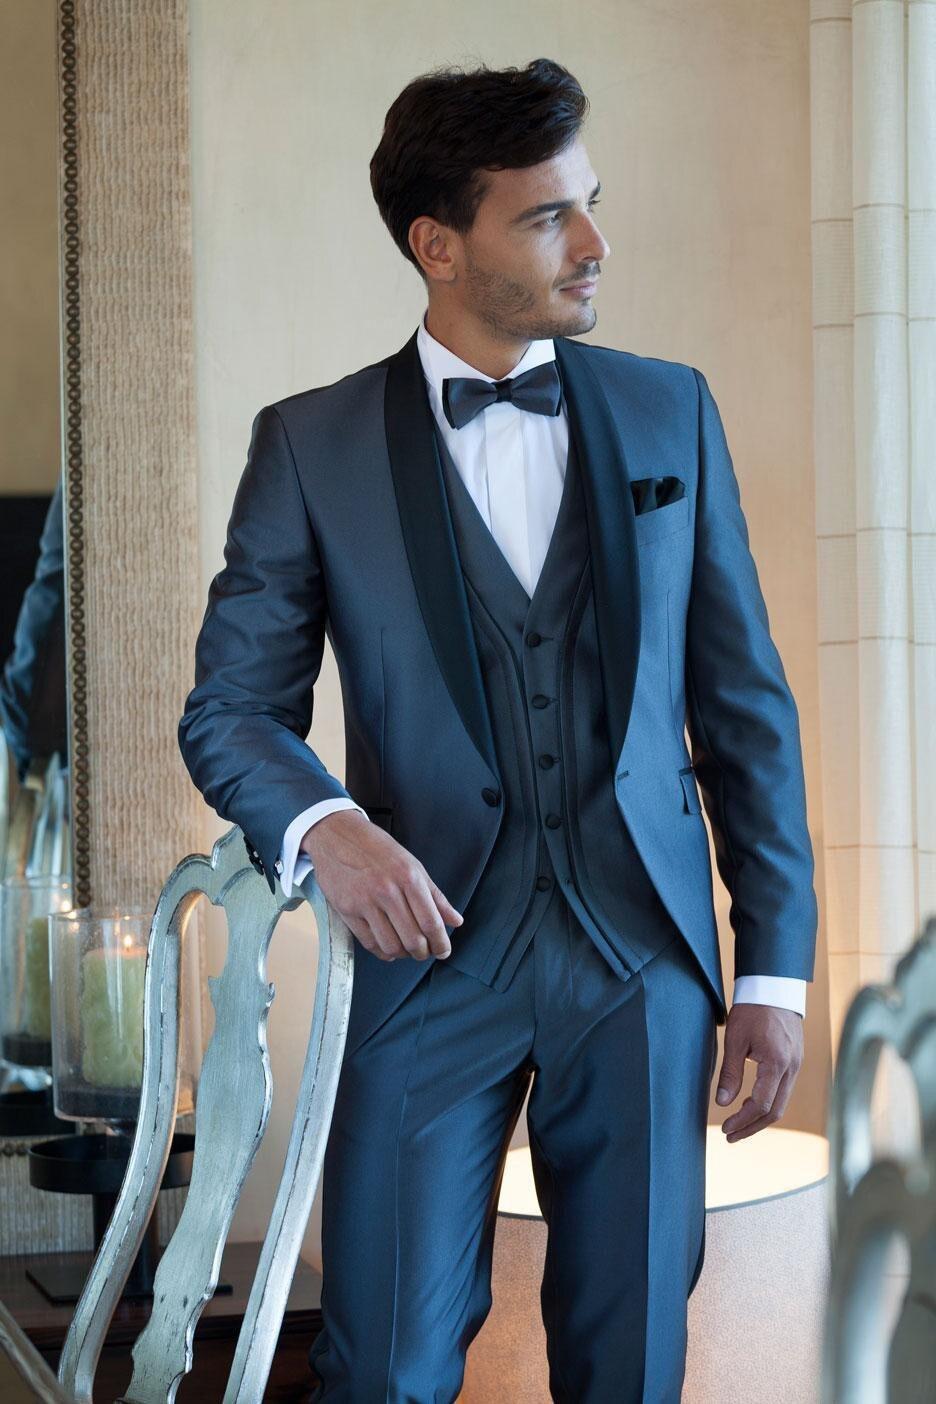 Venta caliente barato azul marino trajes para hombre personalizados - Ropa de hombre - foto 6